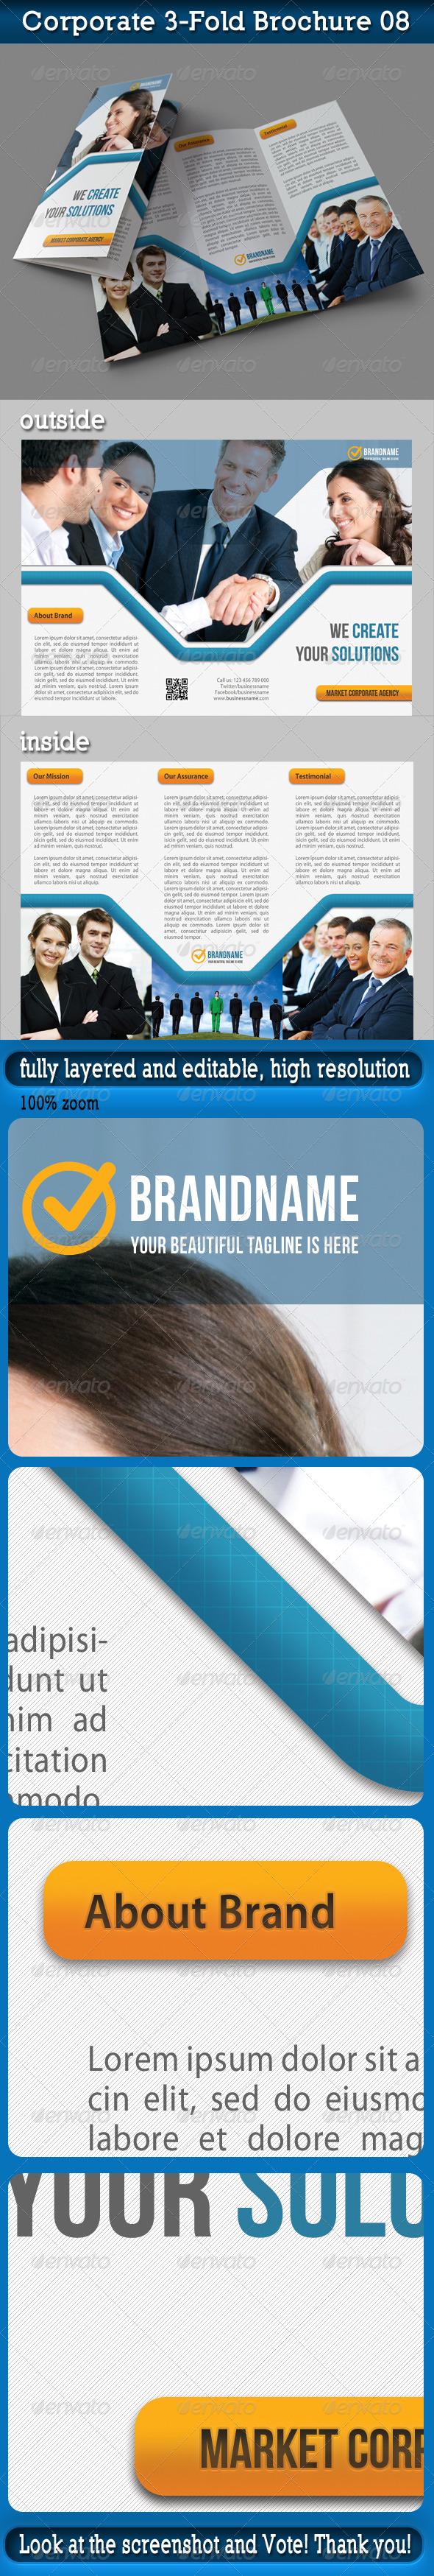 Corporate 3-Fold Brochure 09 - Corporate Brochures